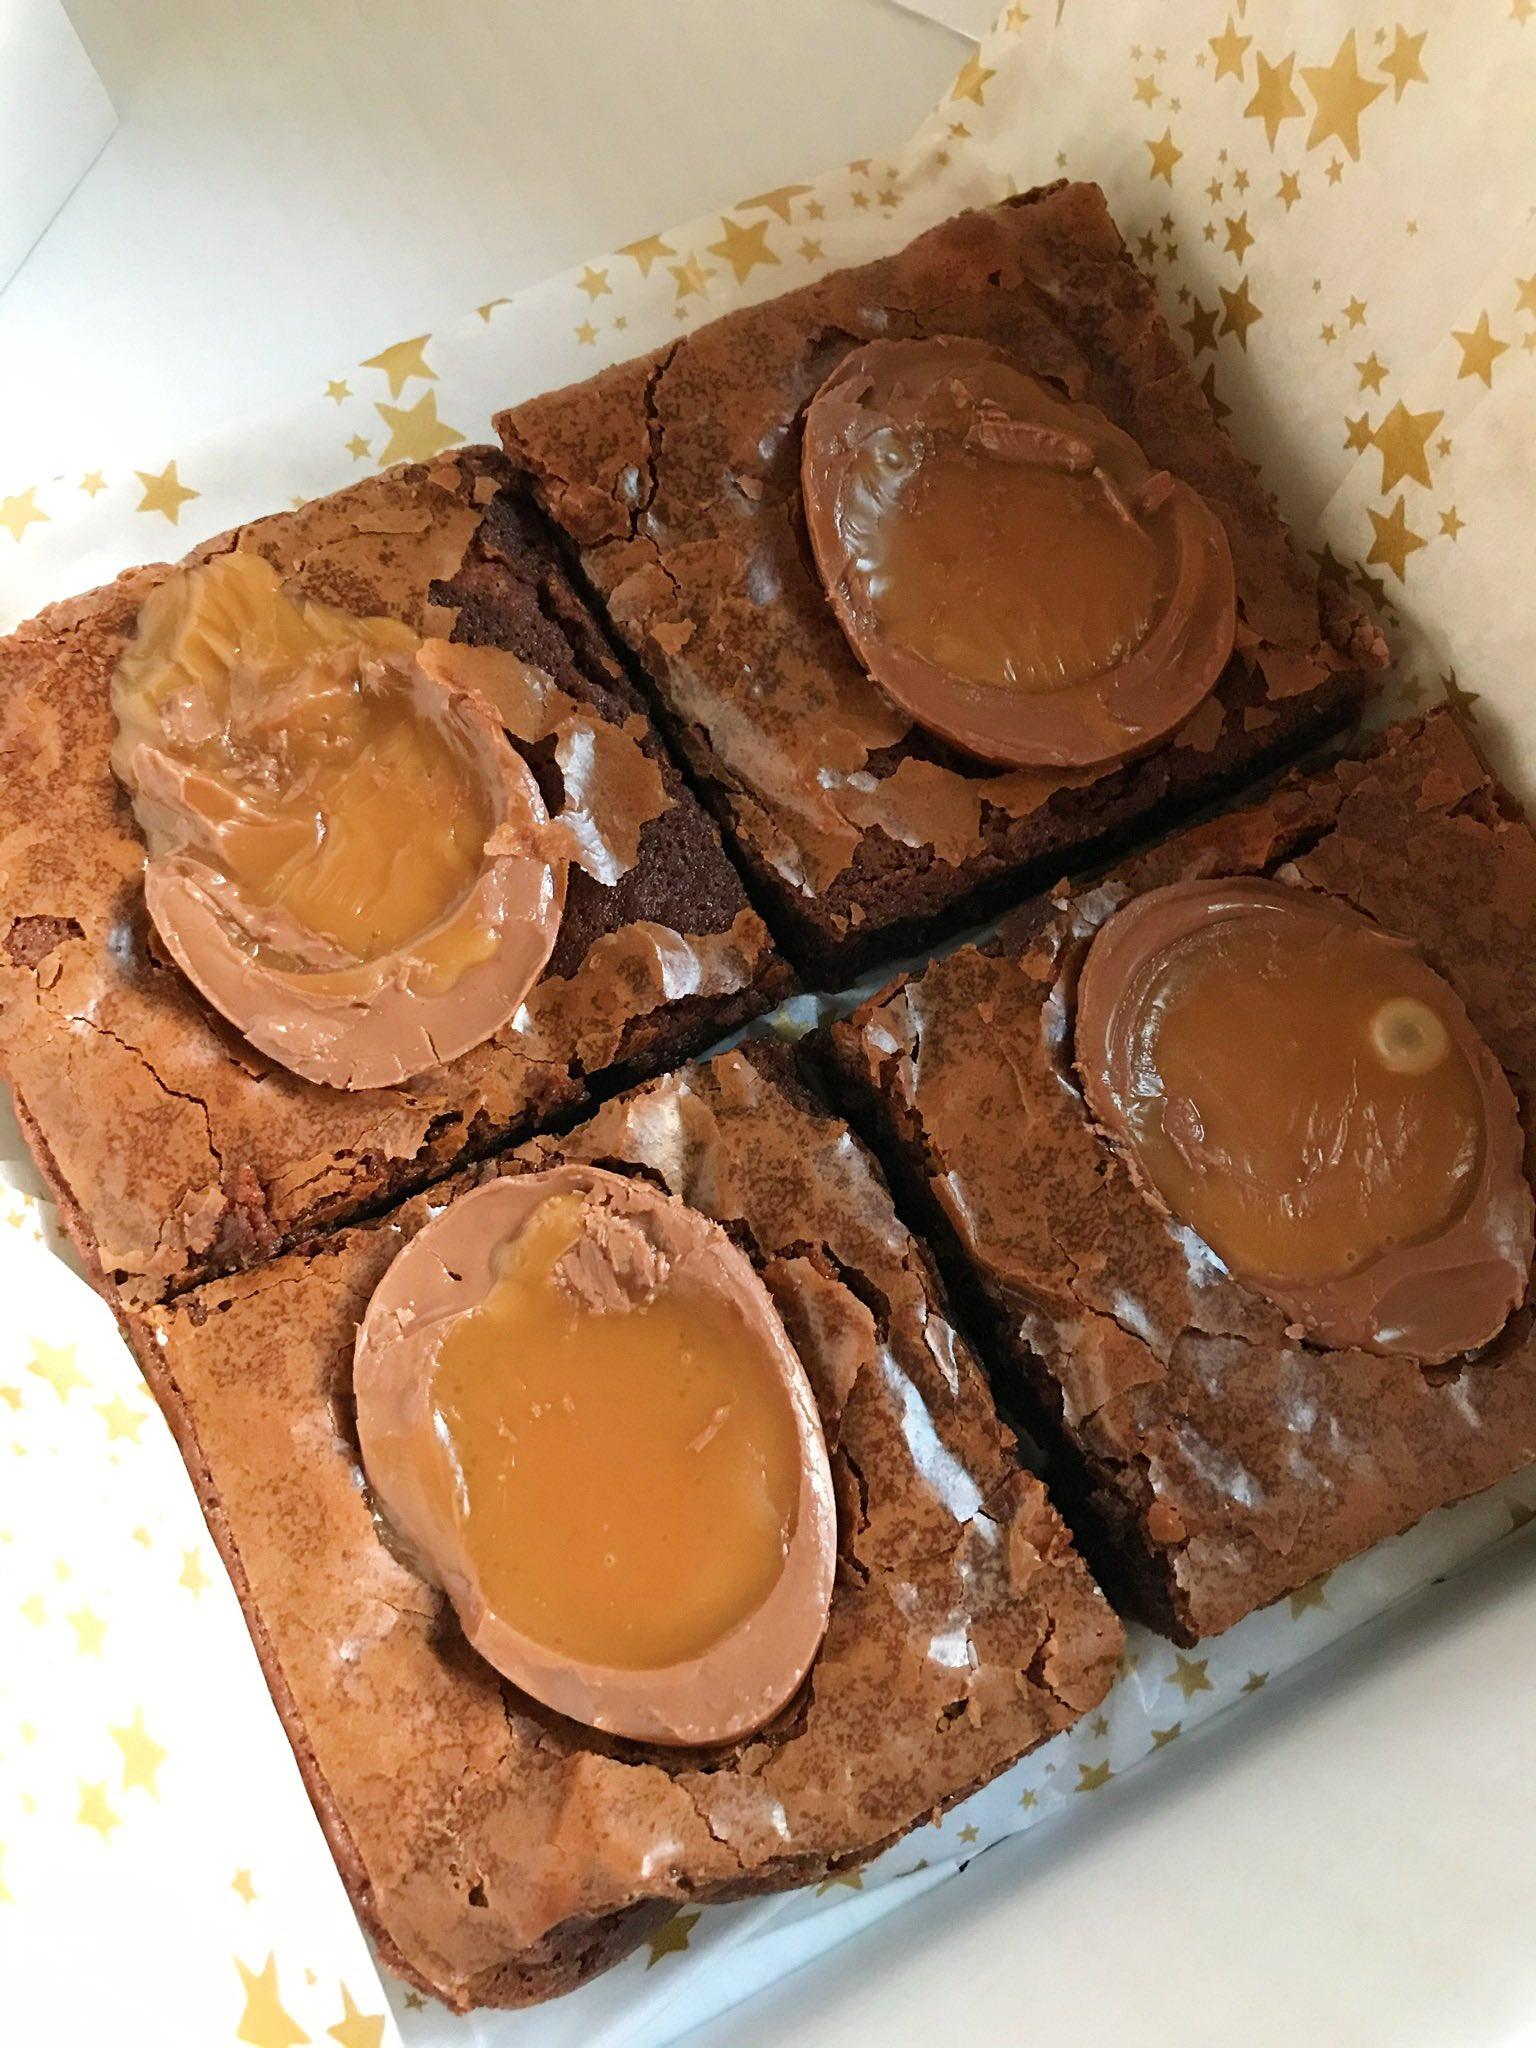 Caramel Egg brownies